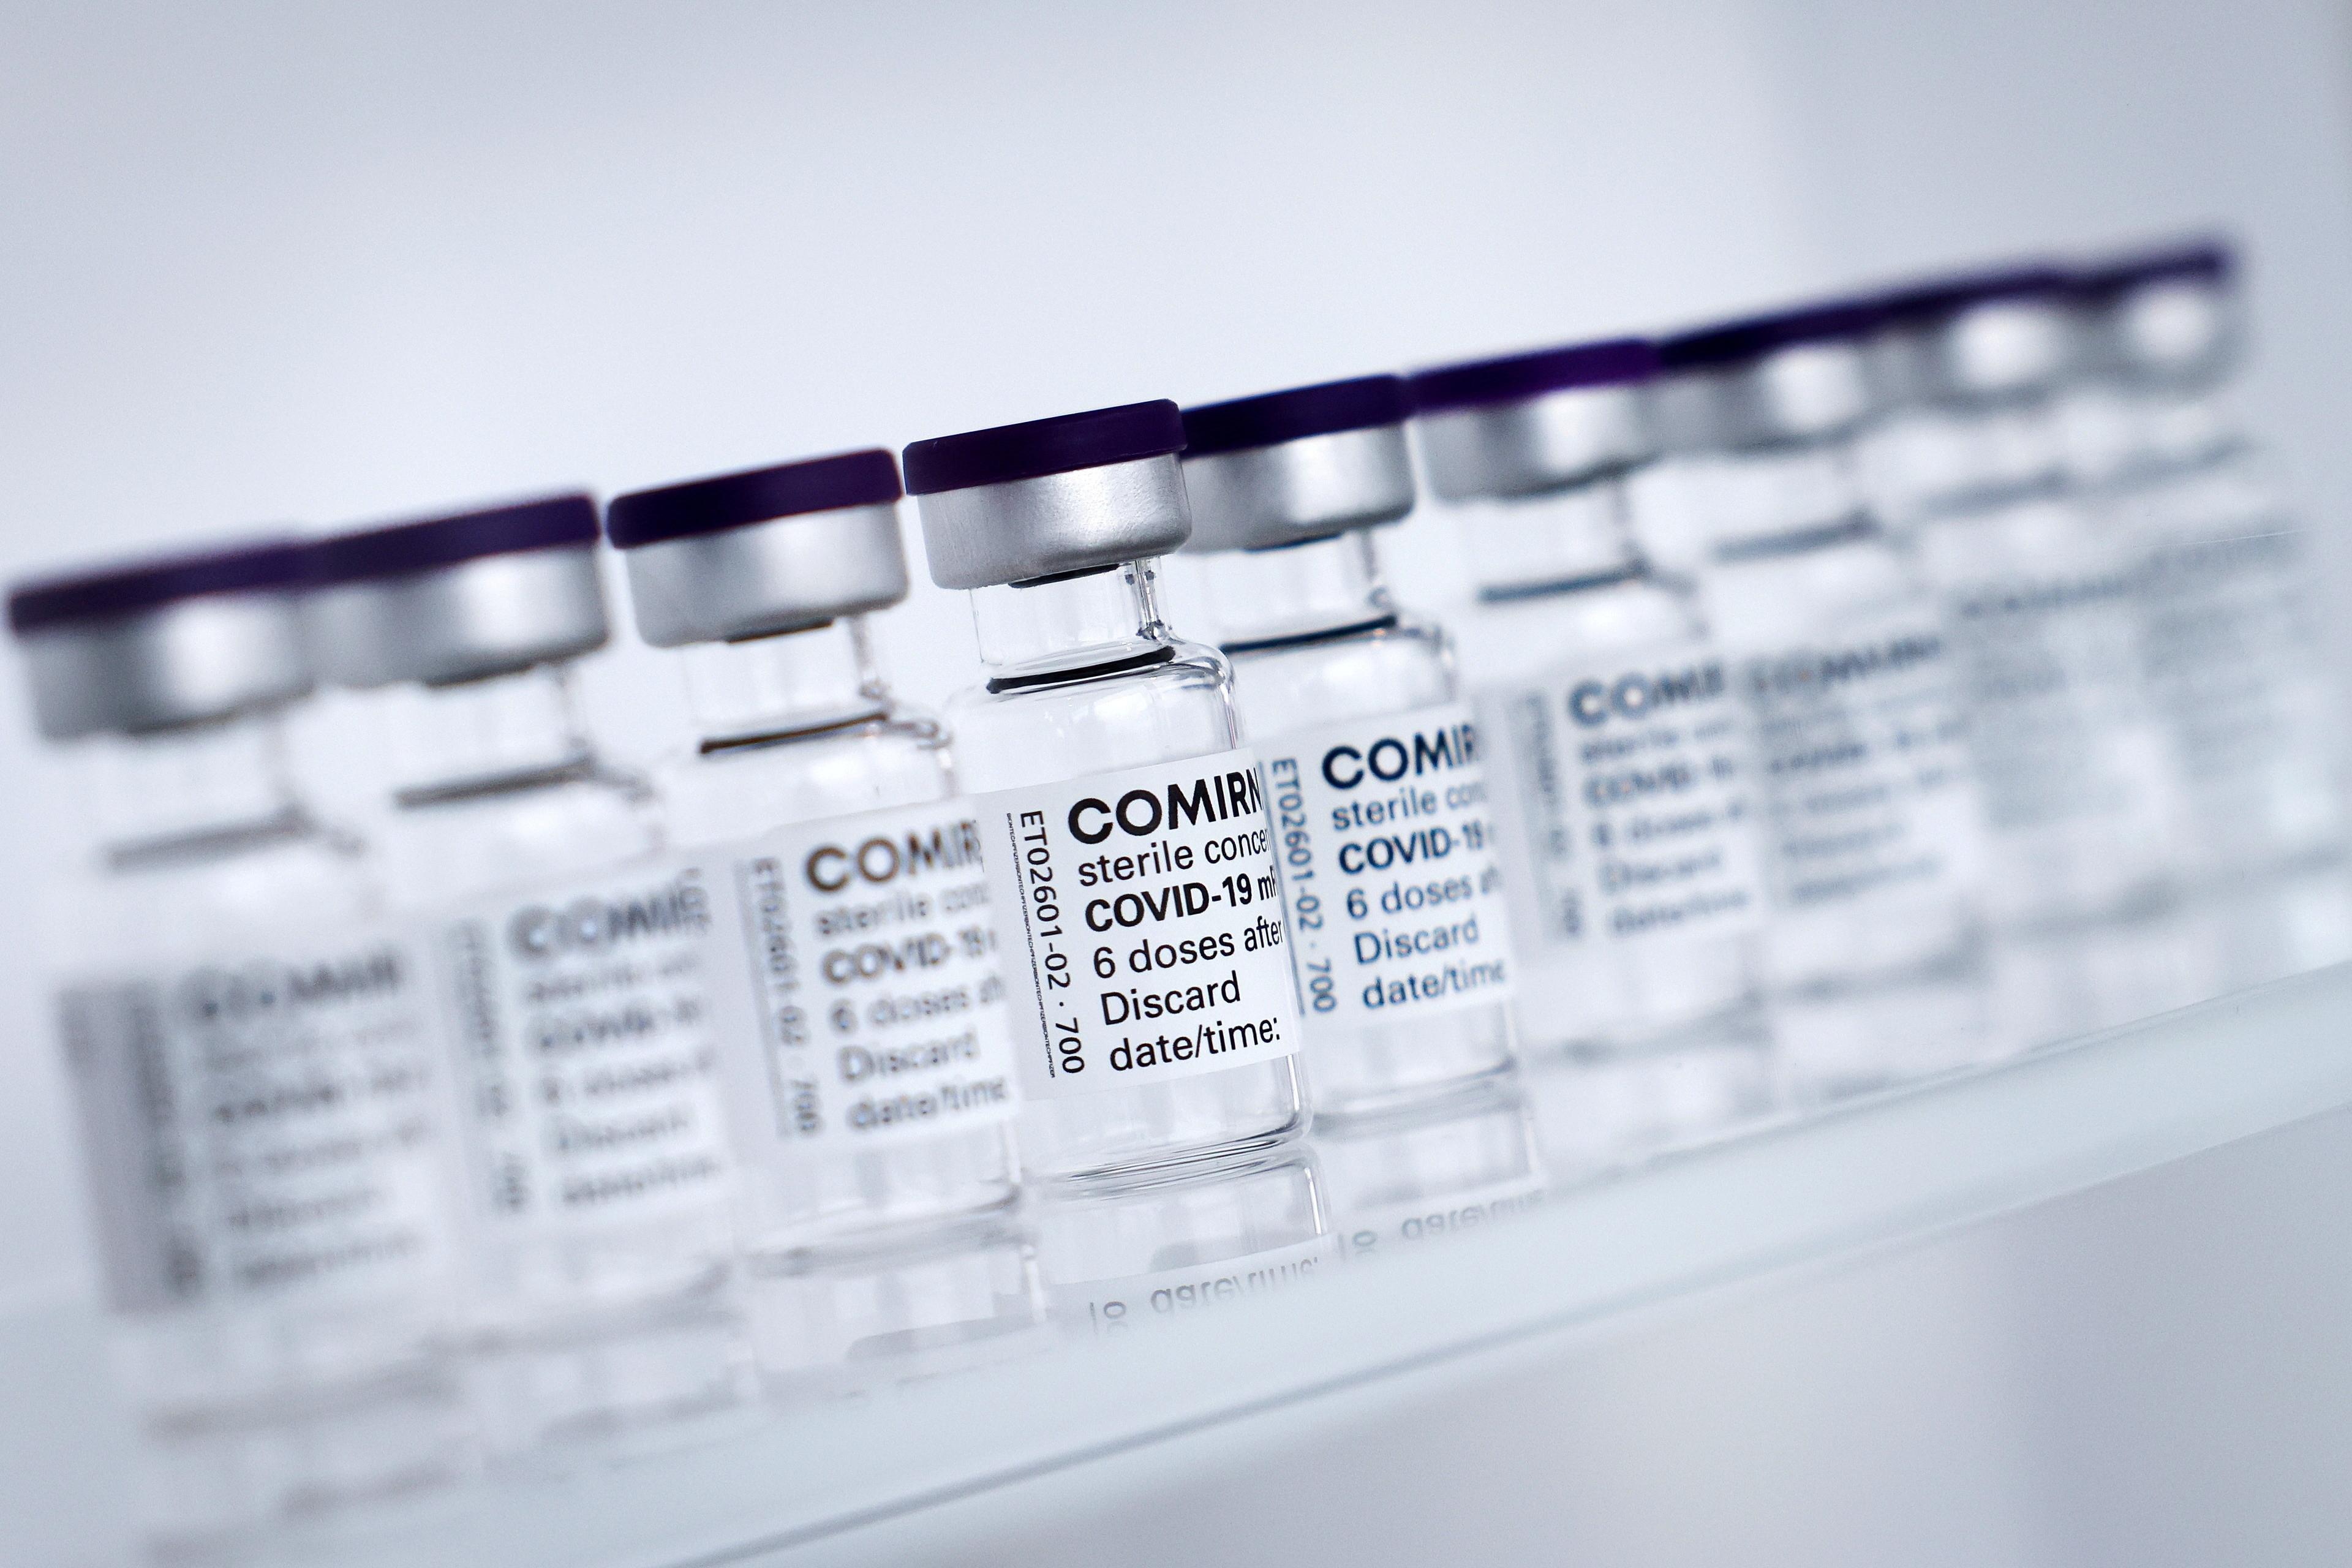 Empty vials of Pfizer/BioNTech's Comirnaty vaccine.